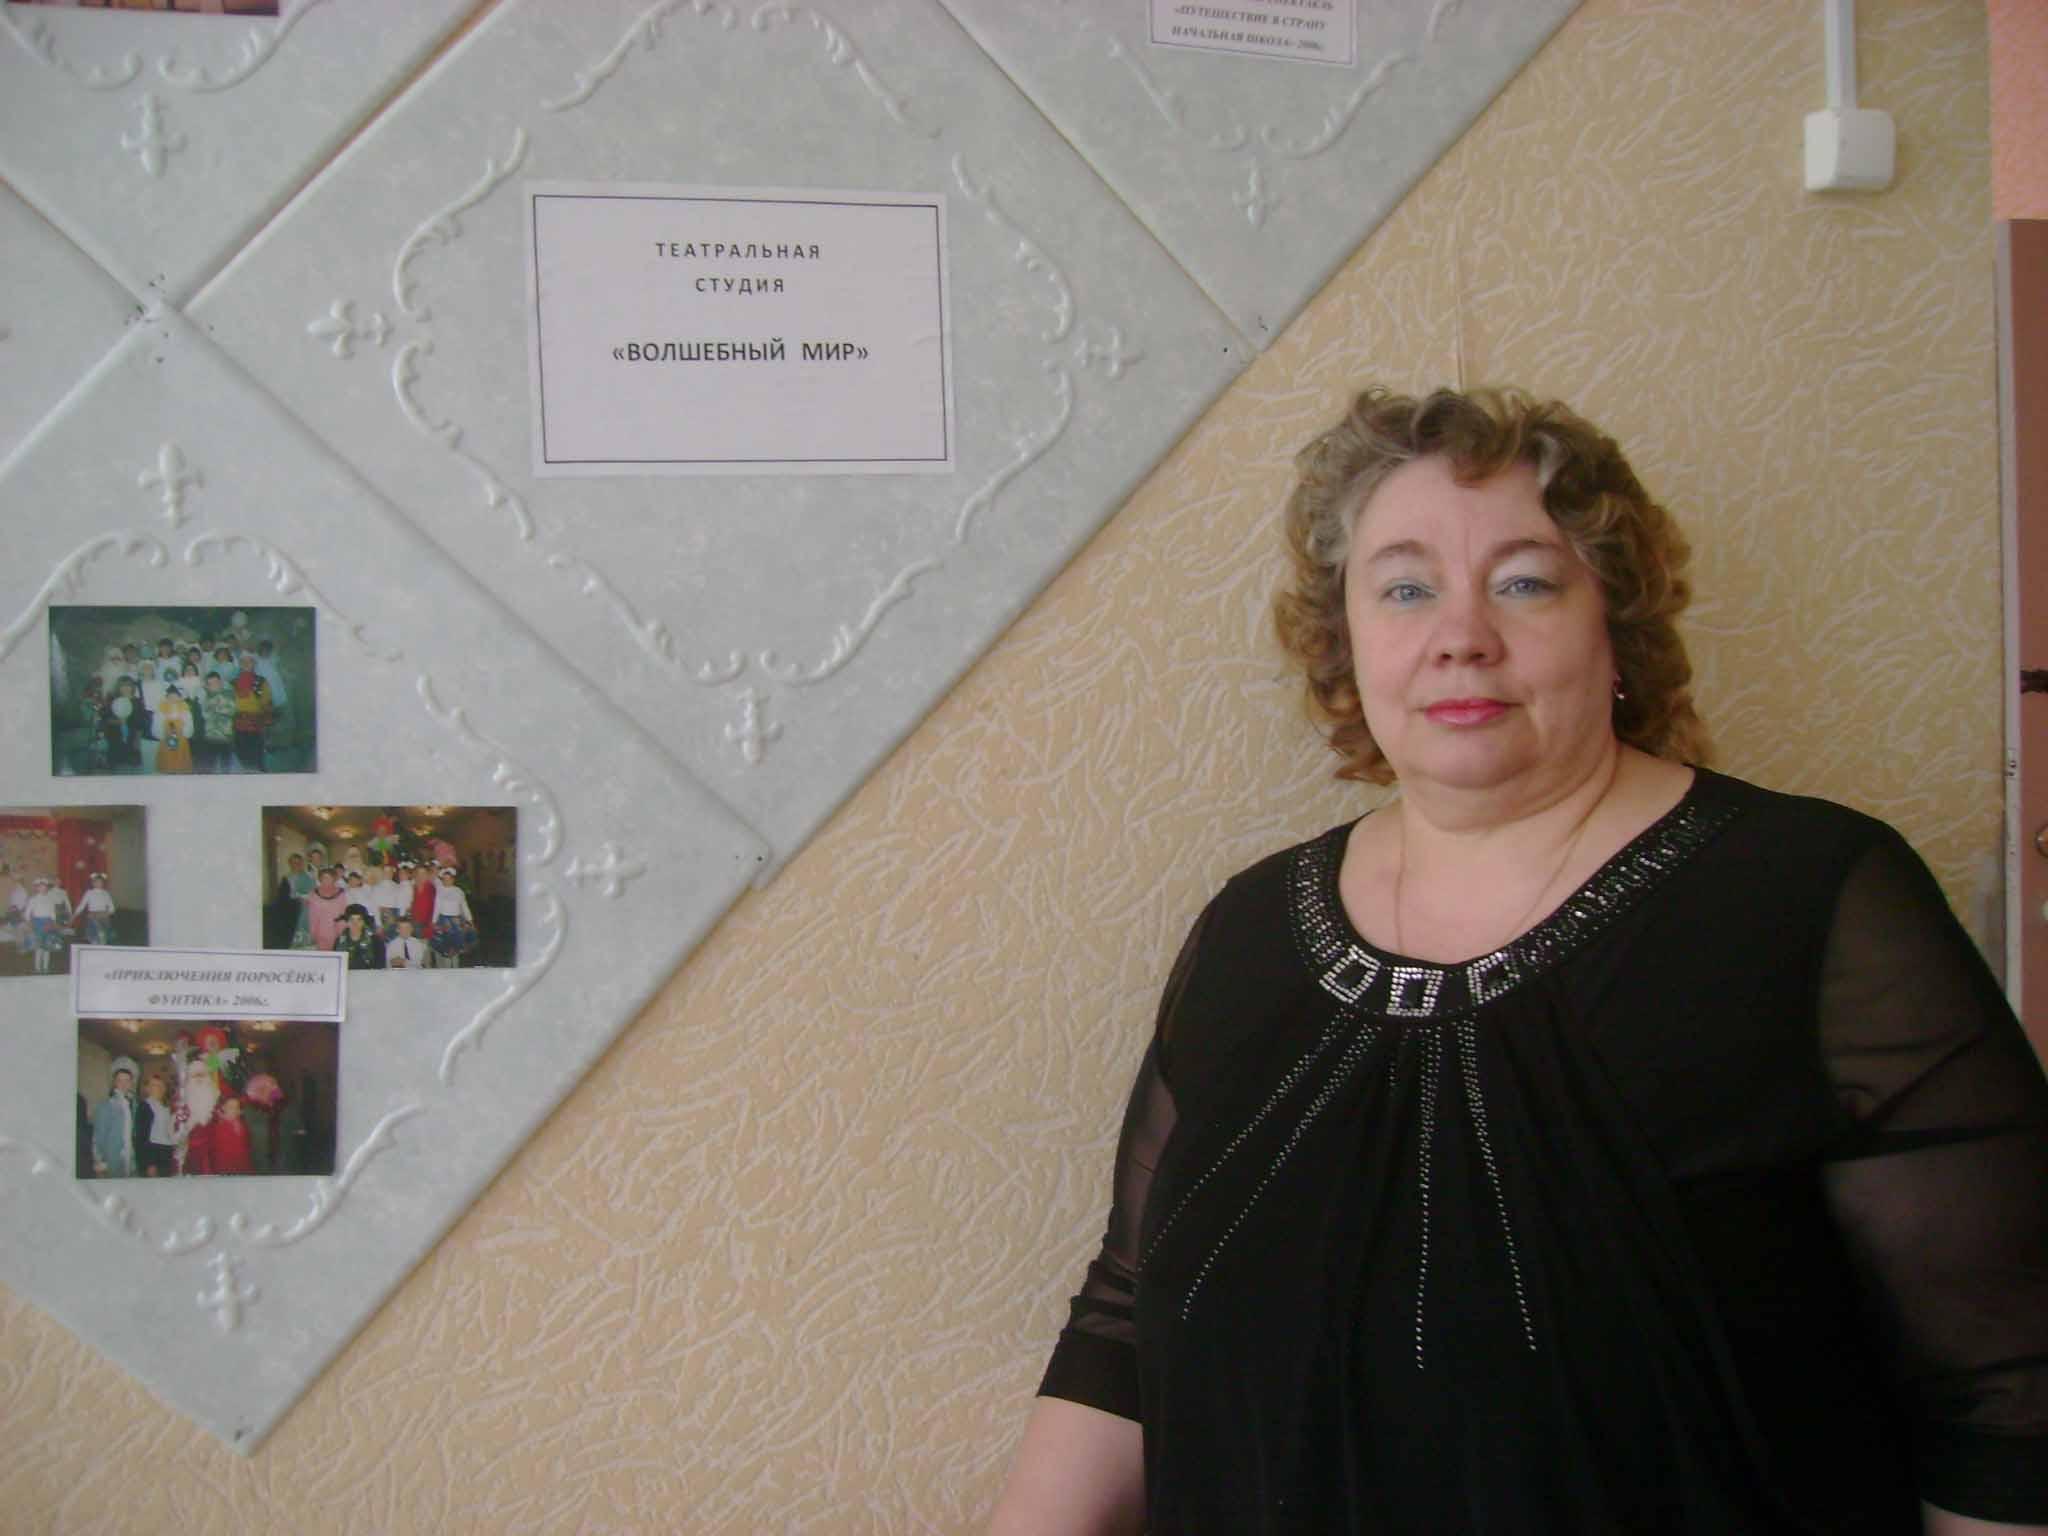 Степанова елена викторовна